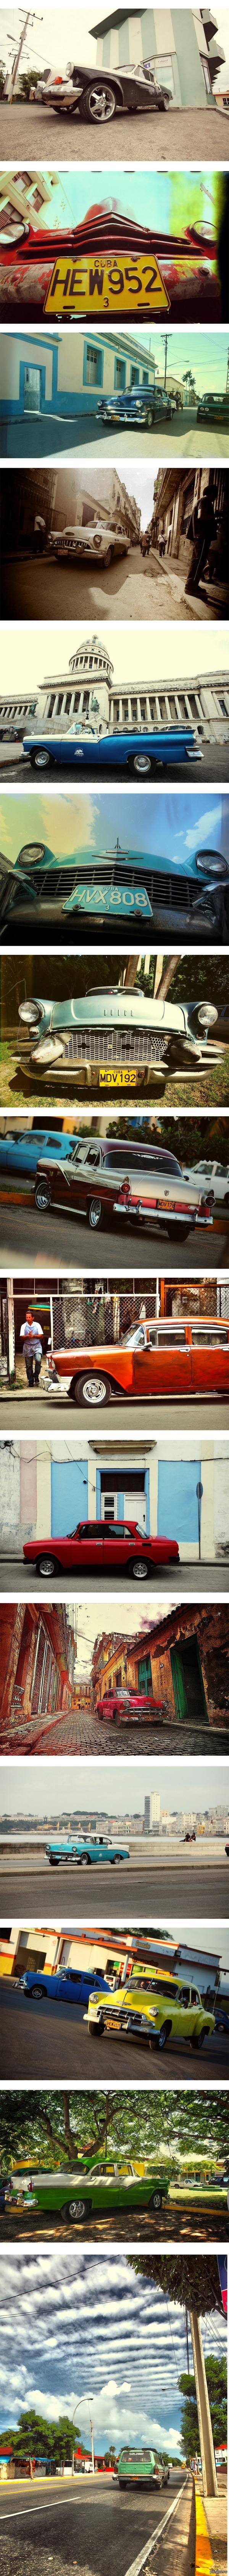 Автомобили Кубы Как известно, Куба-очень атмосферное место. Словно застывшие 60-е.  В свое время нафоткал много красивых машин. Климат позволяет им не гнить очень долго.